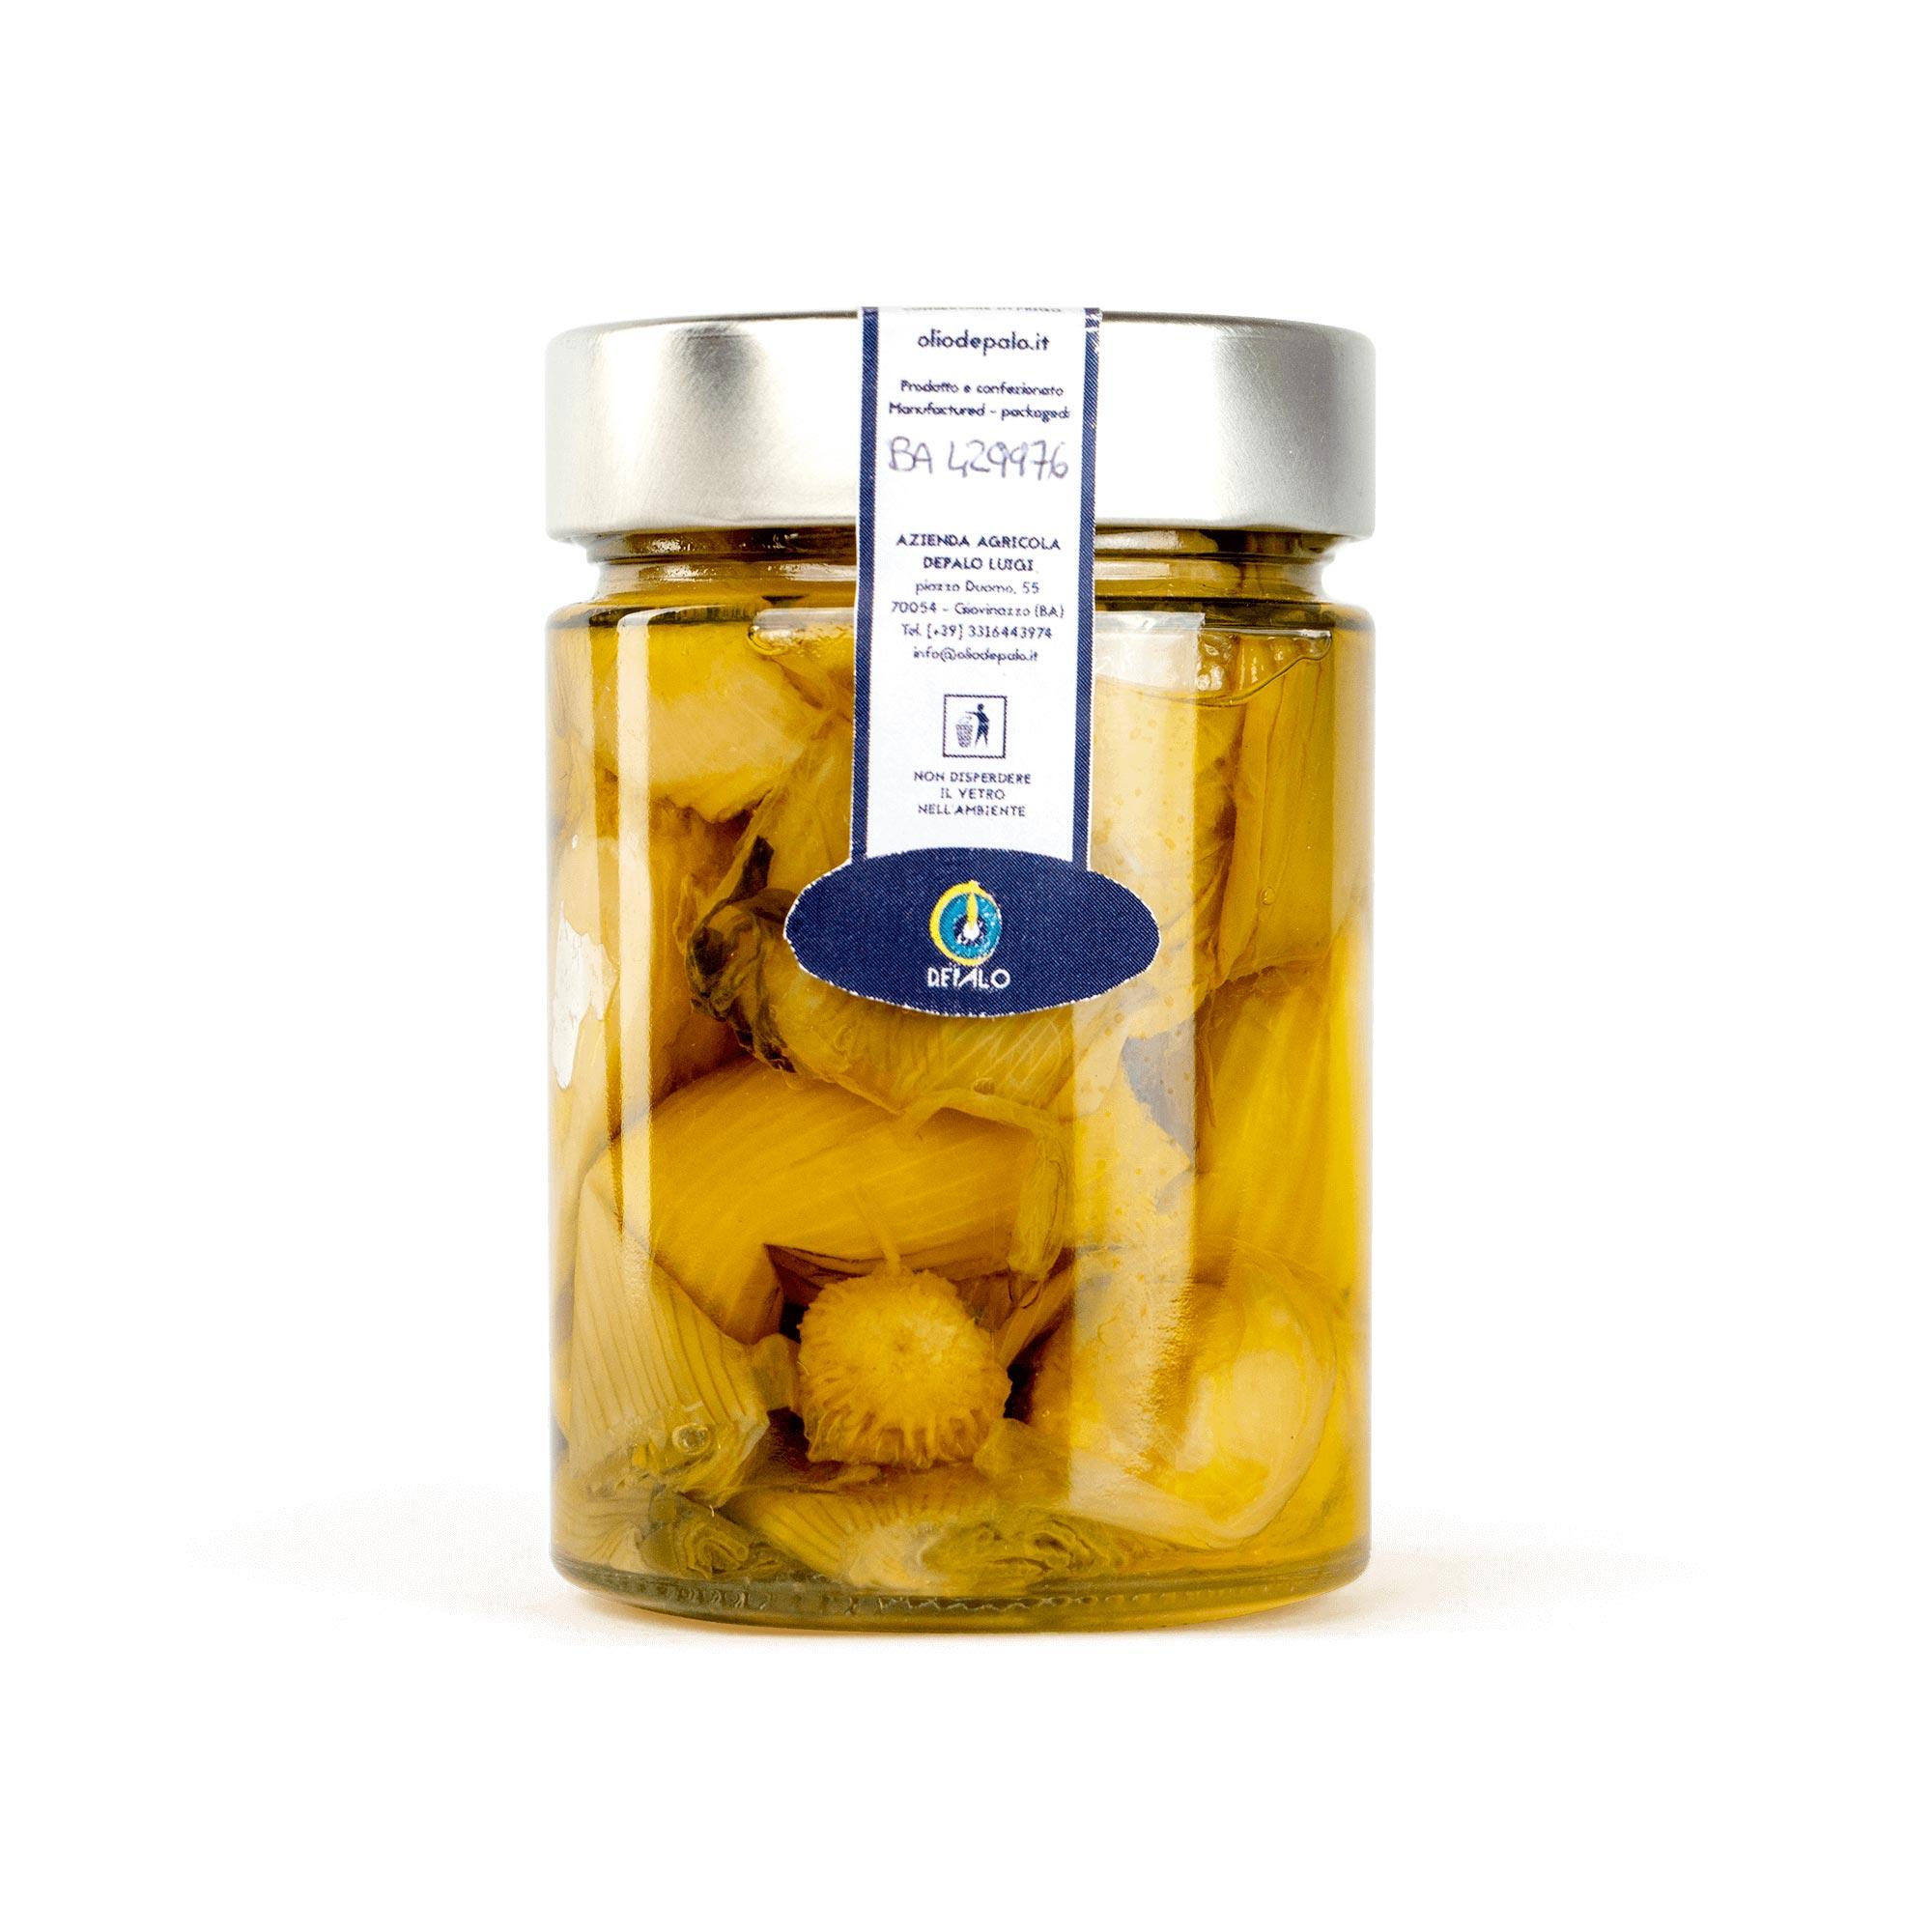 sponsali sott'olio olio depalo prodotti tipici di puglia